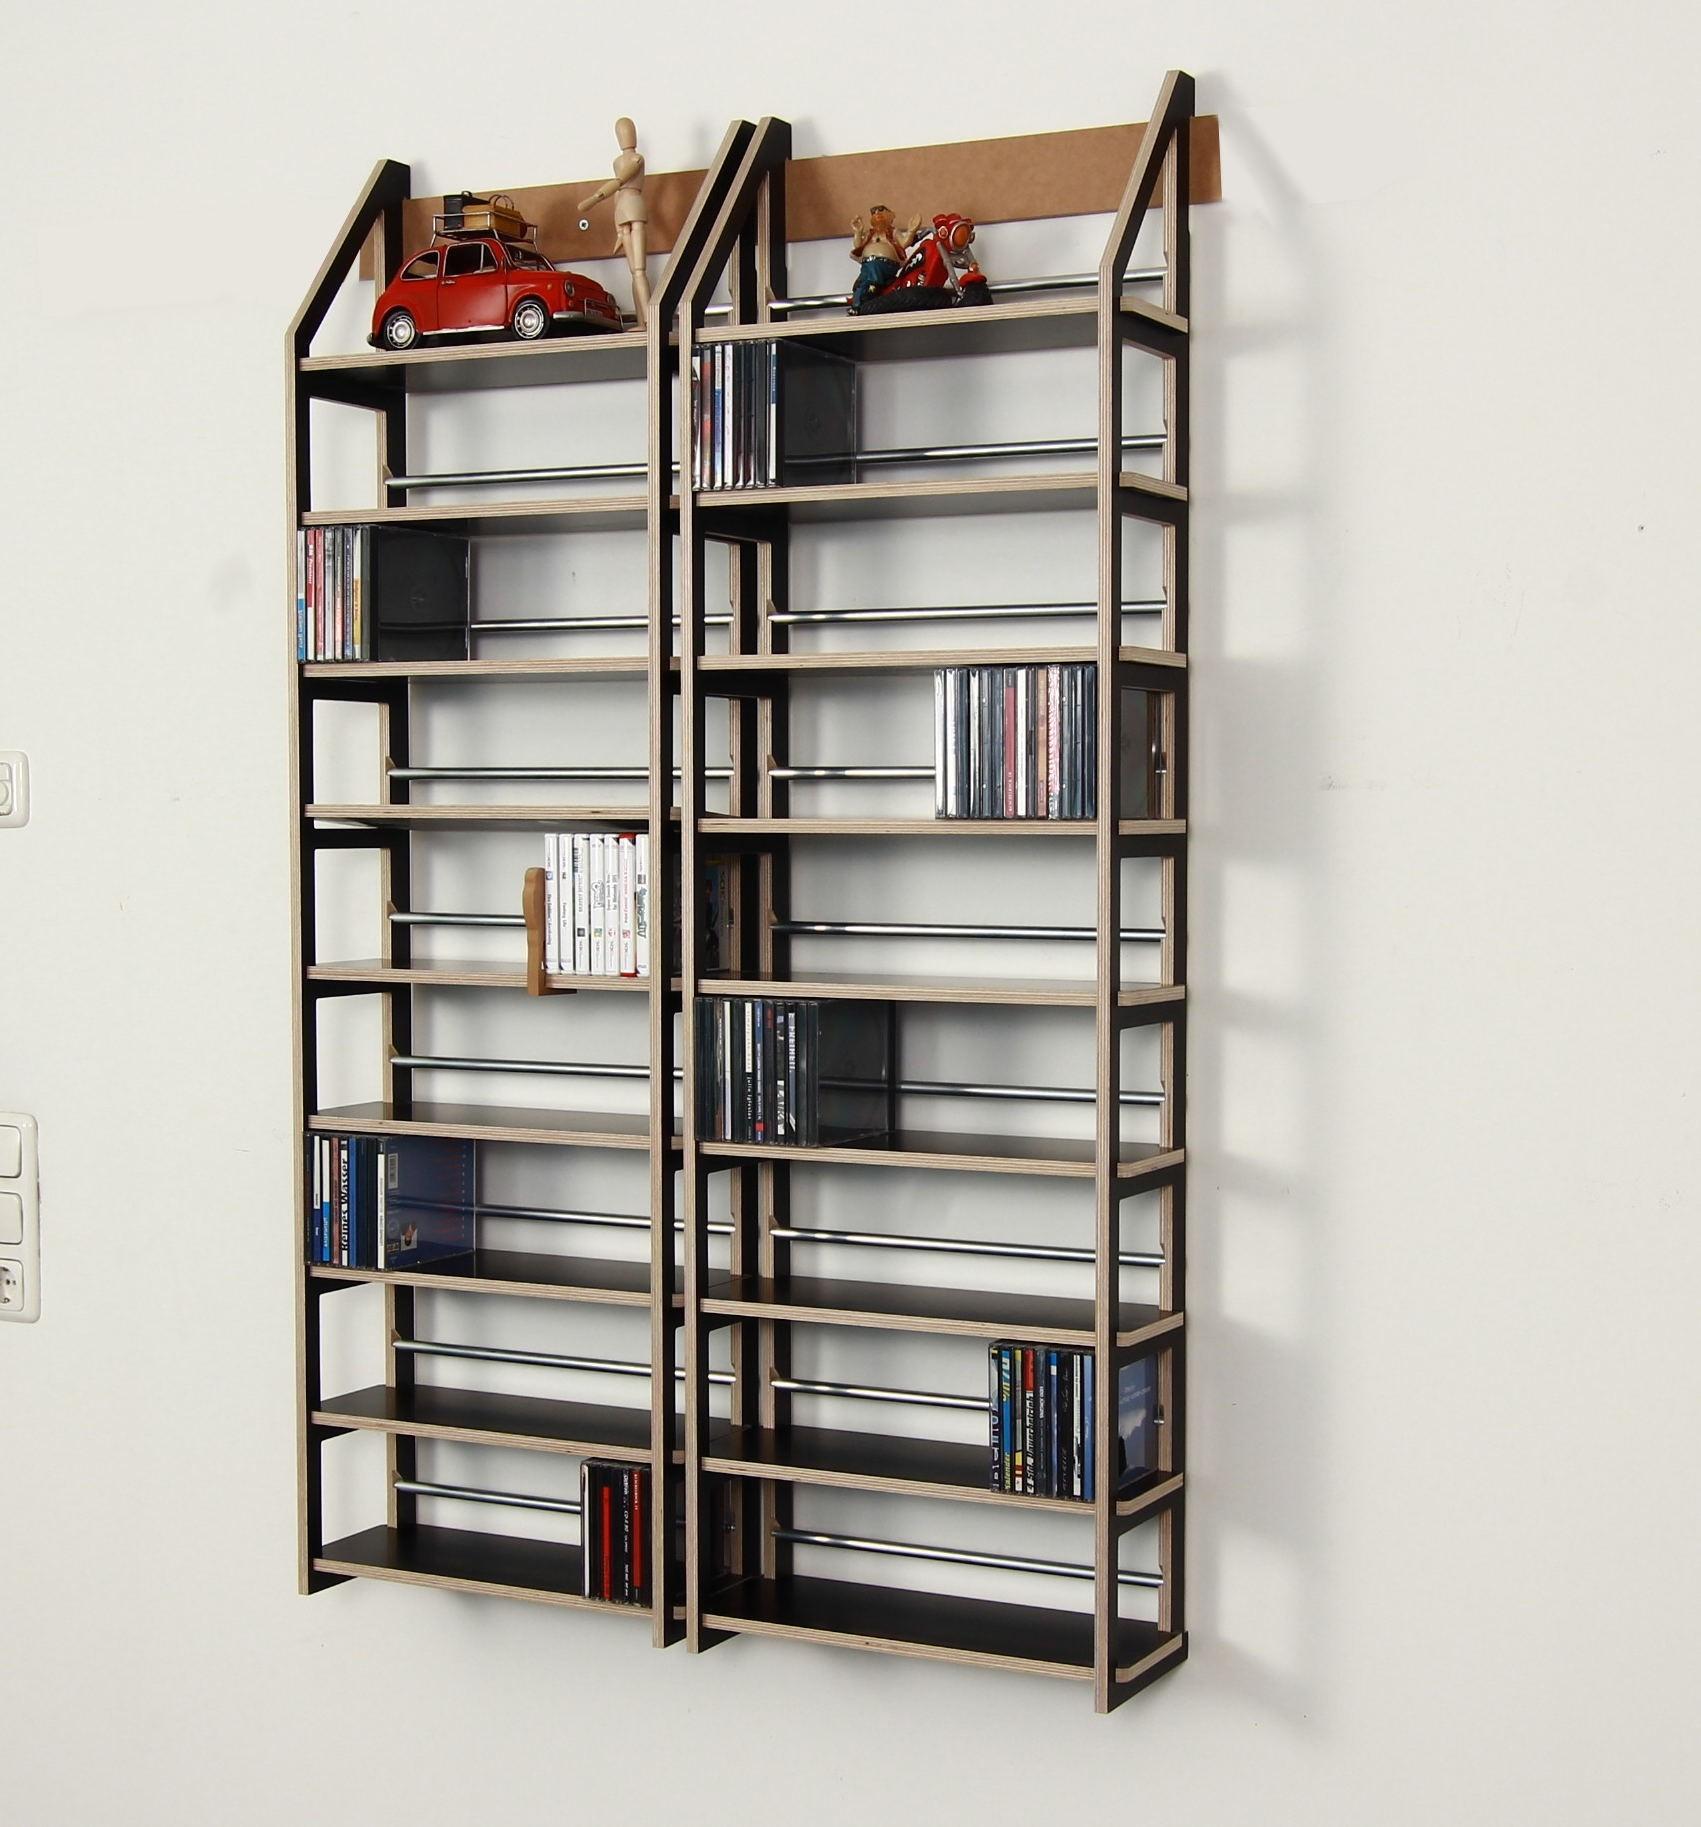 schwarzes cd regal f r 648 cds. Black Bedroom Furniture Sets. Home Design Ideas